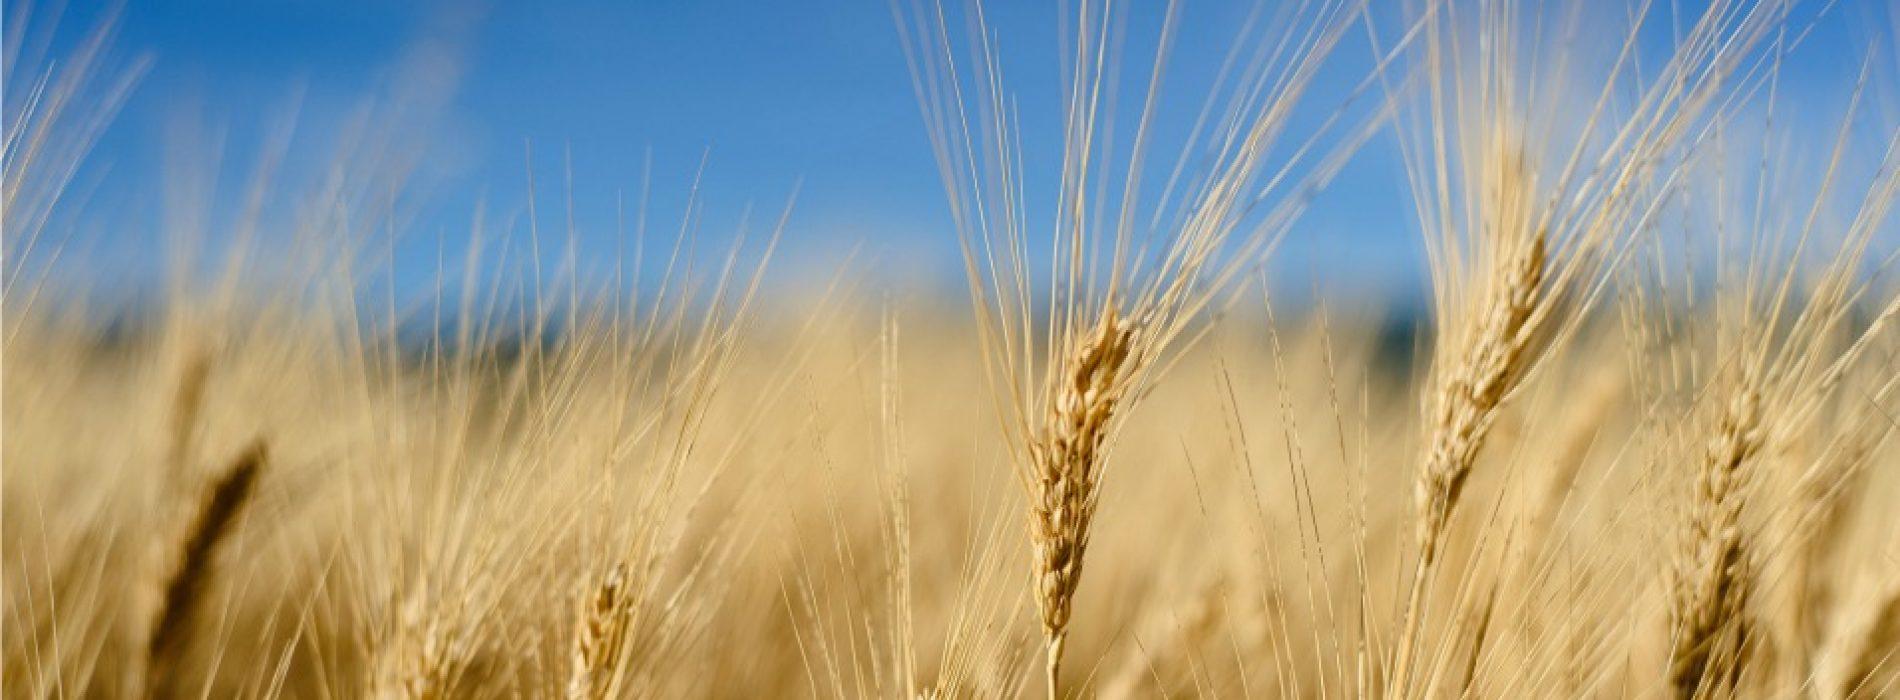 De wereld voeden zonder de planeet te vernietigen is mogelijk